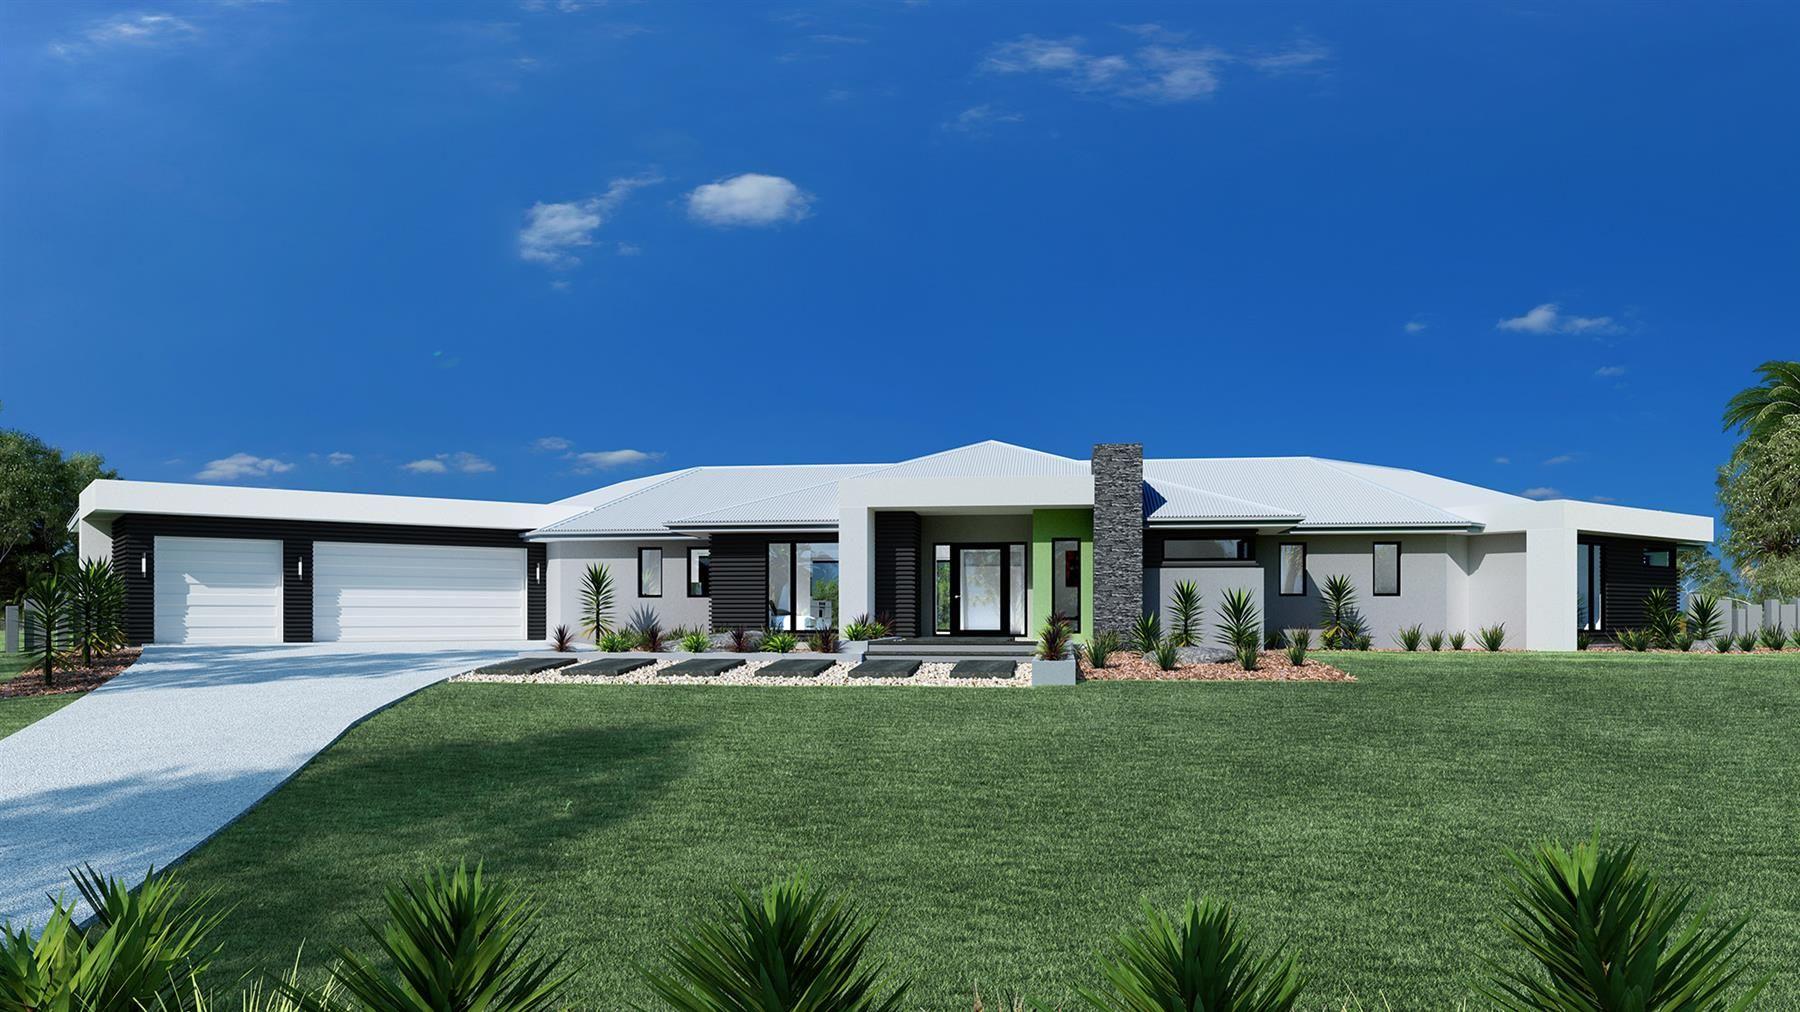 Montville 380 Home Designs In G J Gardner Homes House Design Single Storey House Plans House Styles